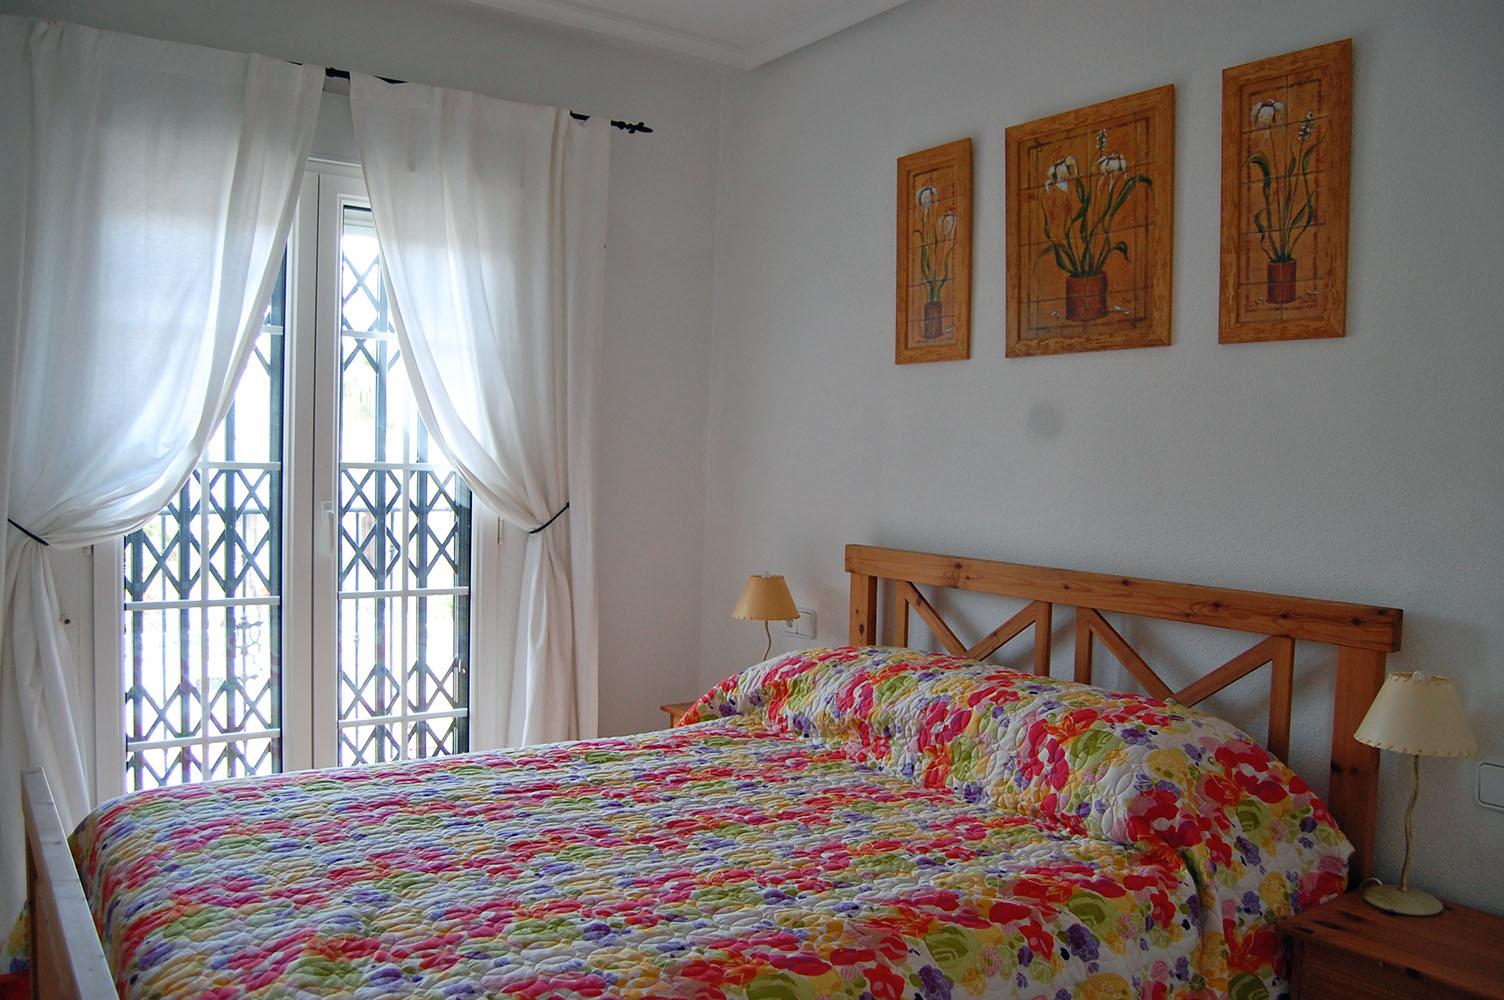 ITSH Property Double bedroom with en suite shower room 8